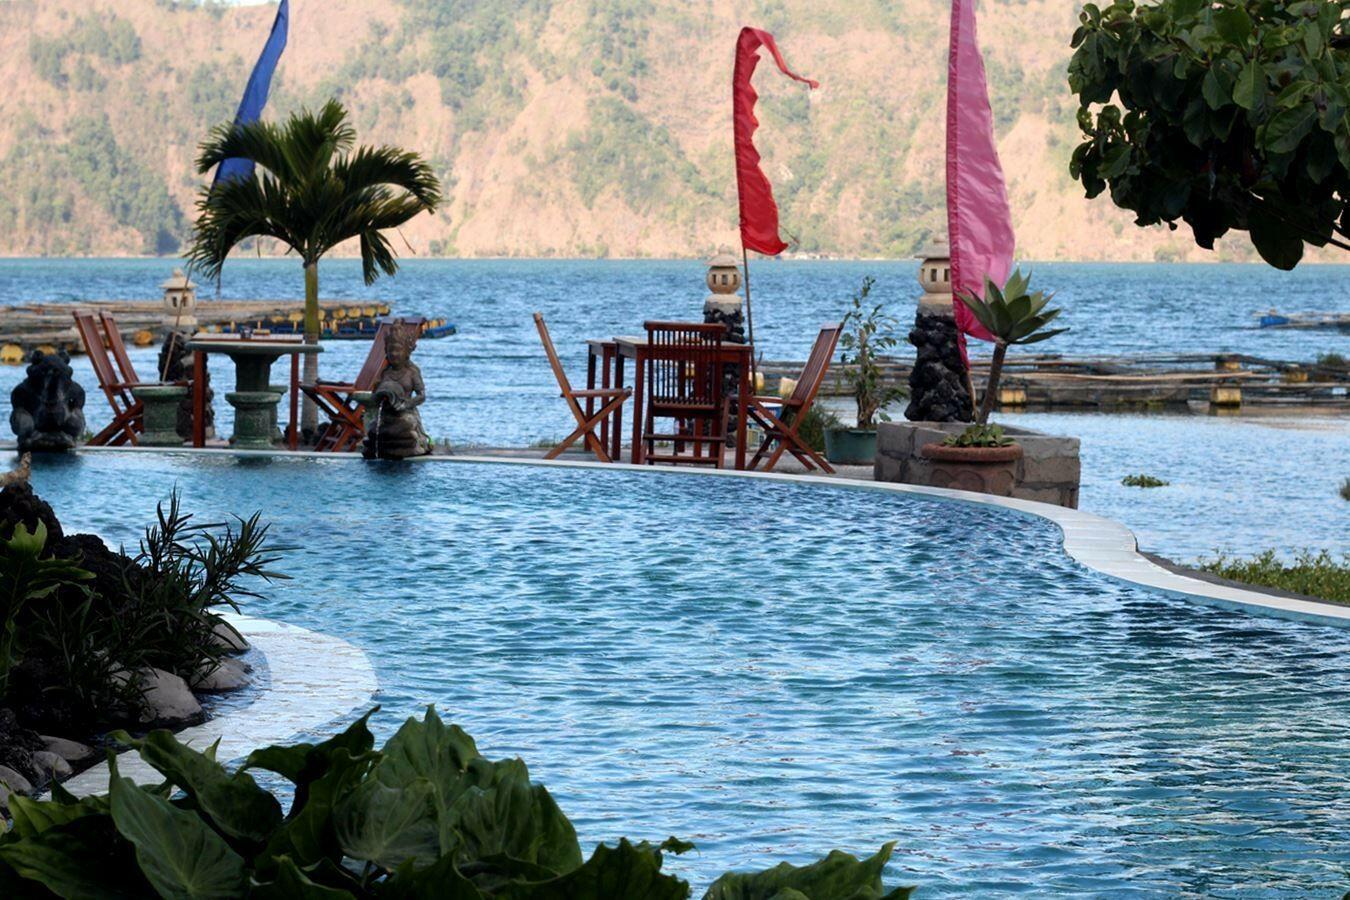 Tempat Wisata Instagramable Di Bali 2